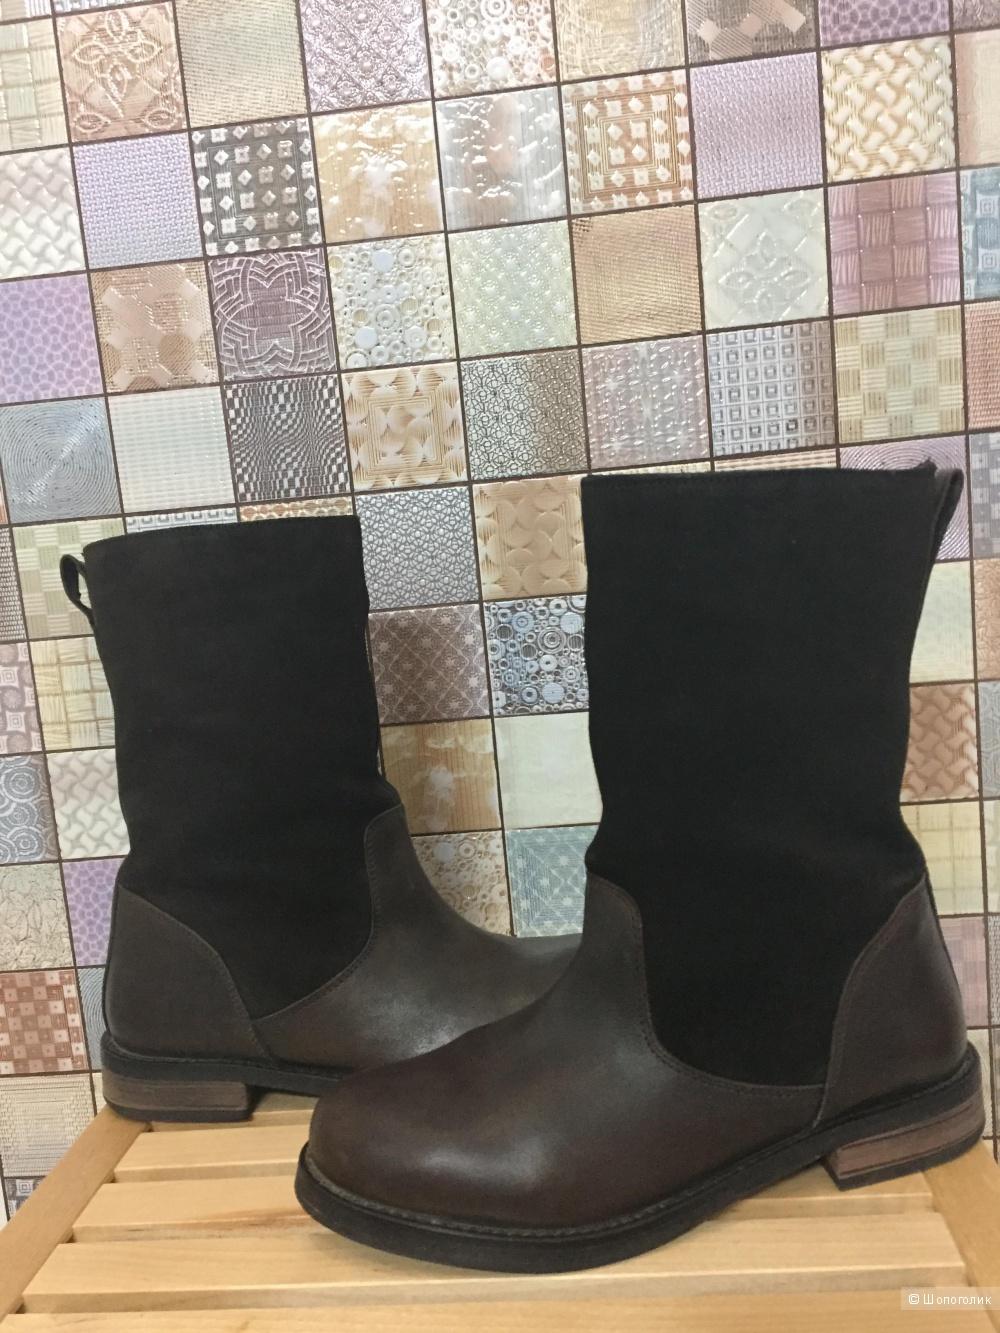 Кожаные ботинки ASOS CLAPTON,немного б/у,размер 5UK/37.5 RUS